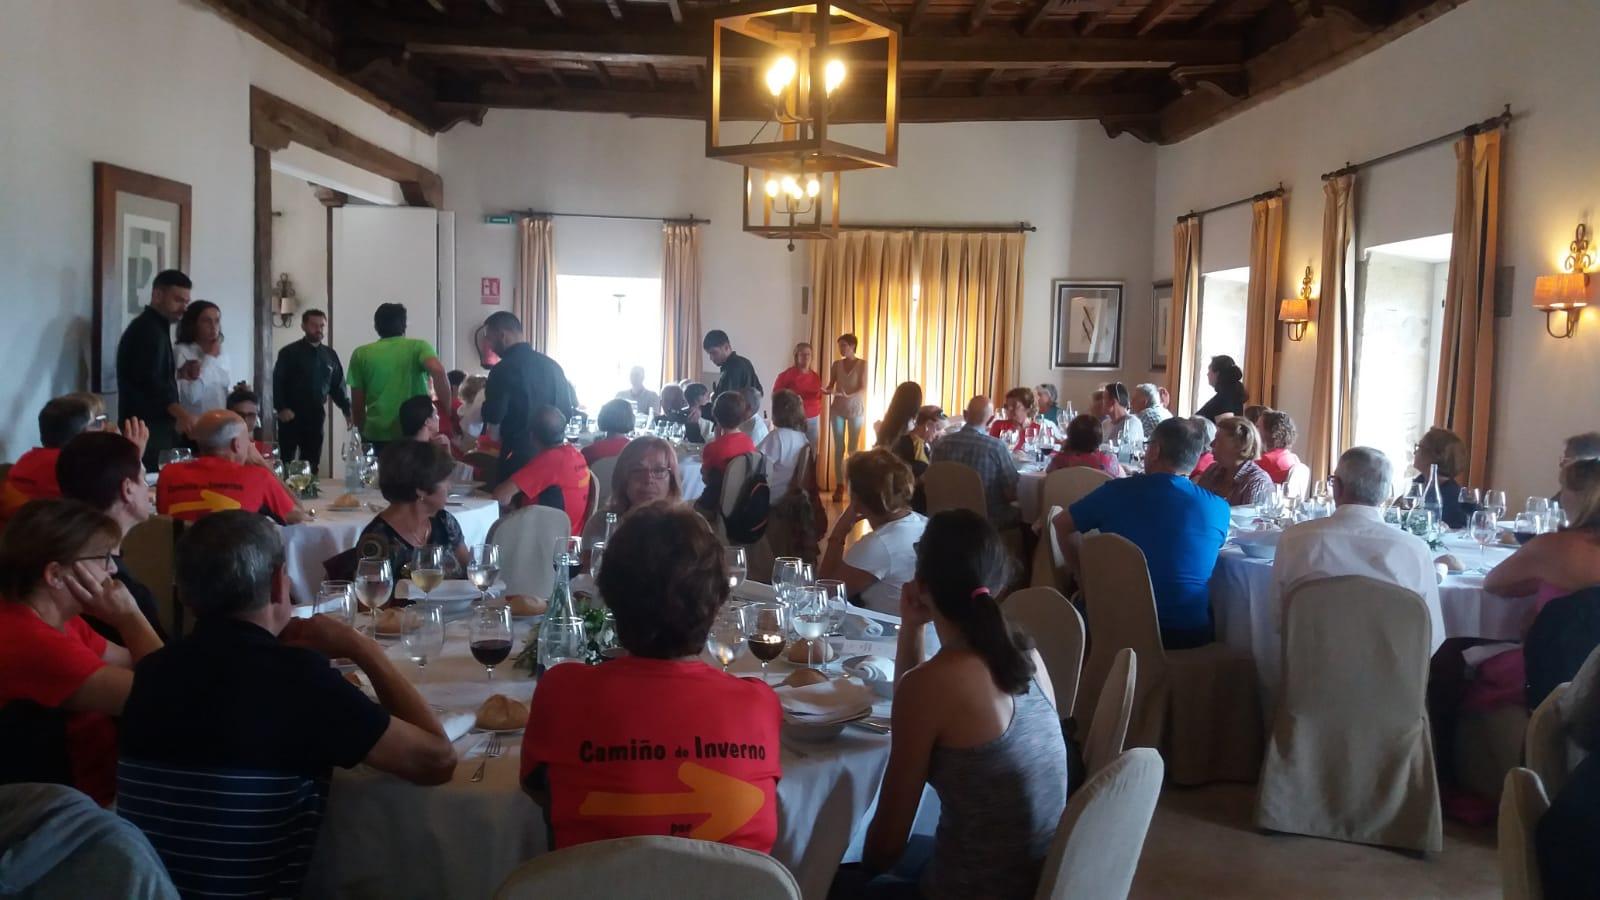 Clausura en el Parador de Monforte con Nava Castro, Dra. Axencia de Turismo de la Xunta de Galicia d